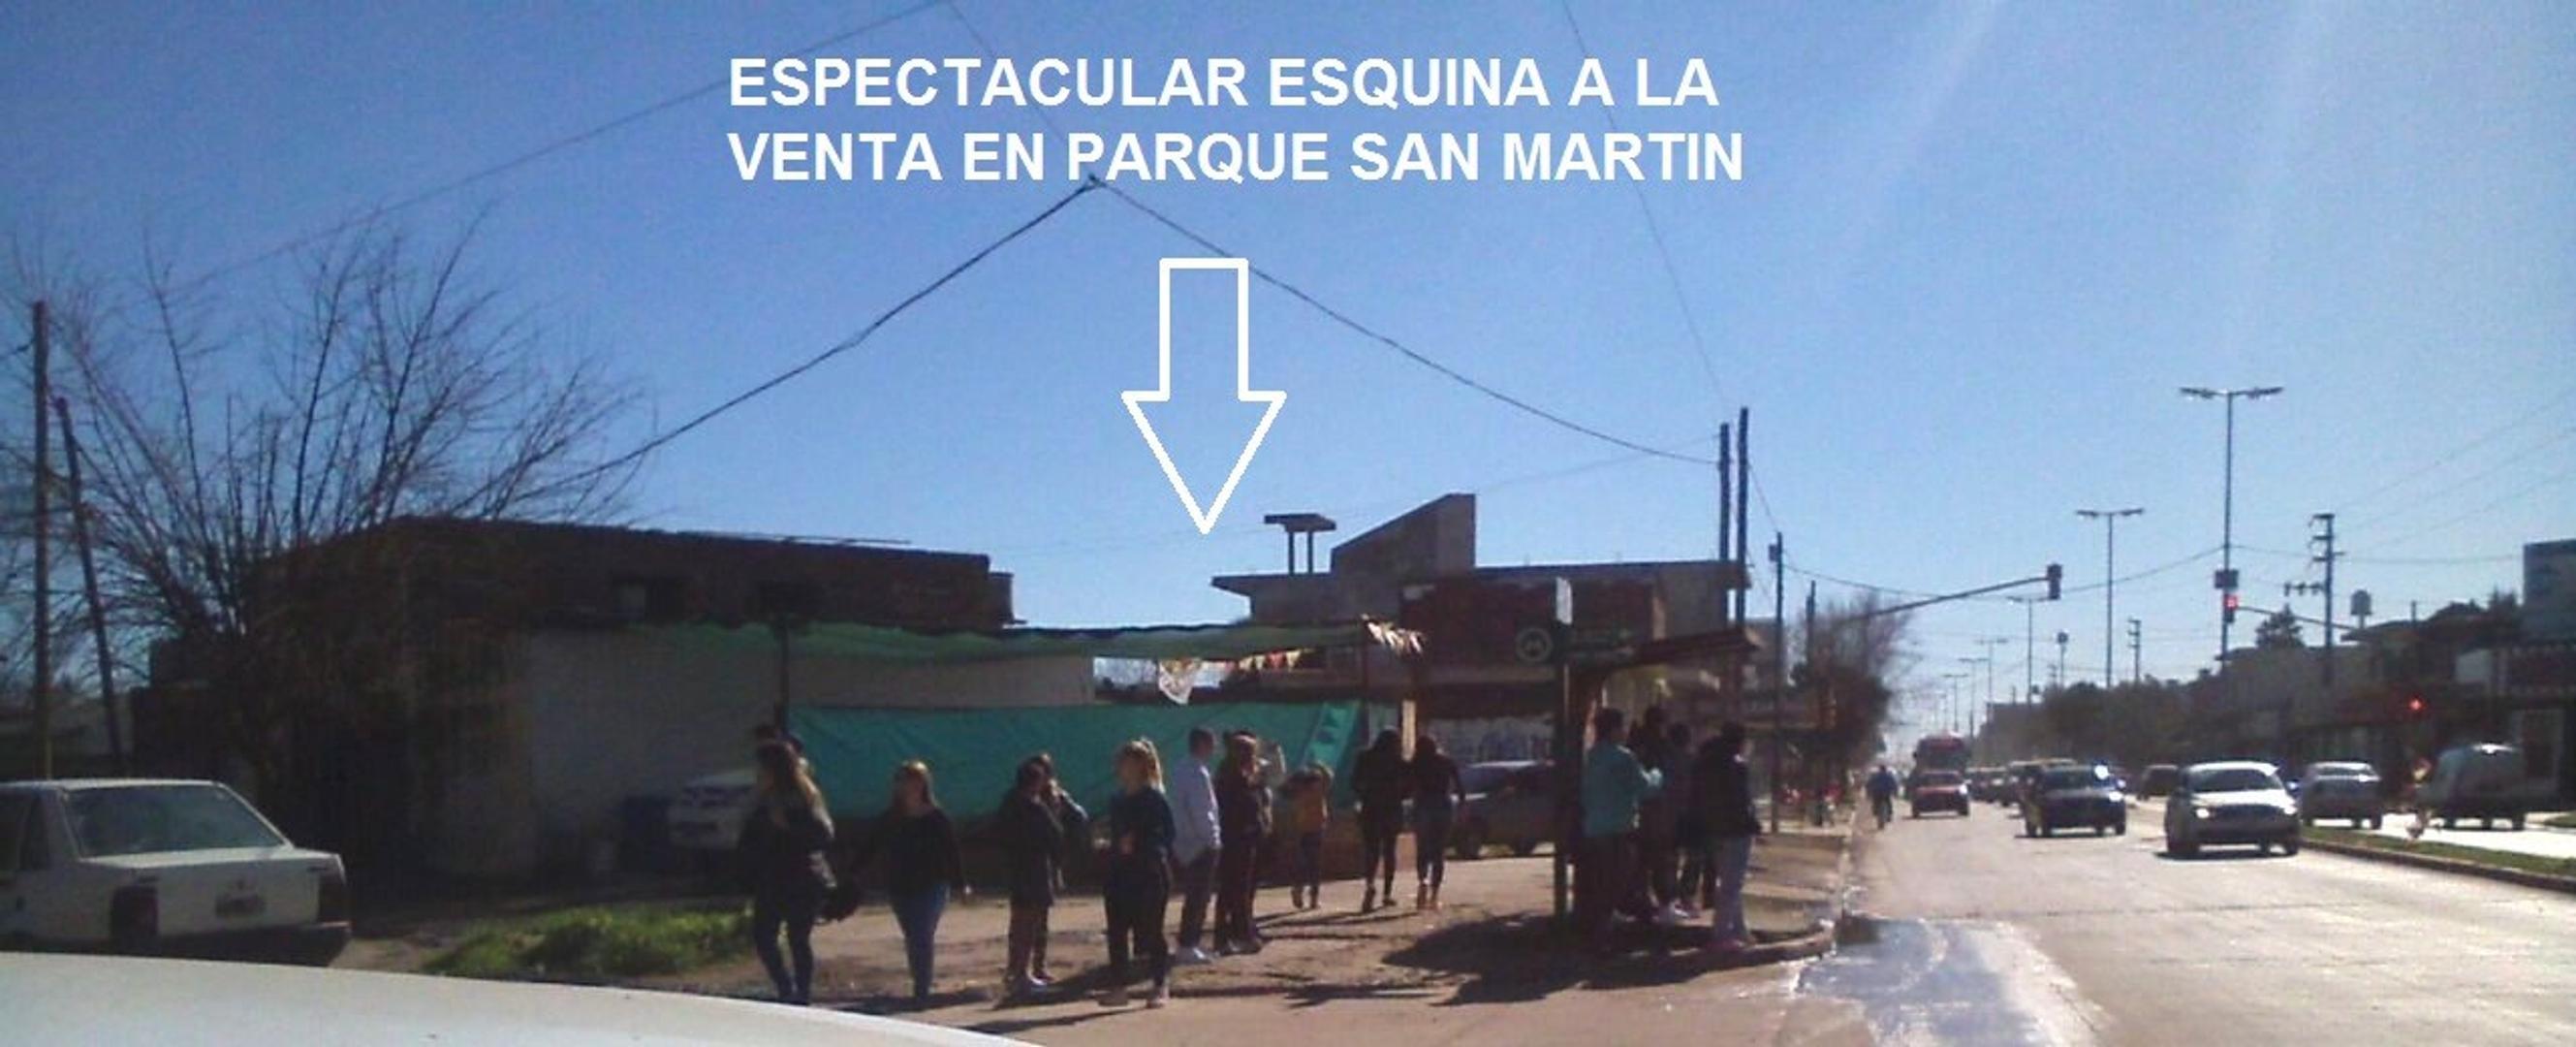 ESQUINA UNICA EN PARQUE SAN MARTIN!!IDEAL INVERSORES P/LOCALES Y DEPARTAMENTOS-C/MEJORAS CONSTRUIDAS